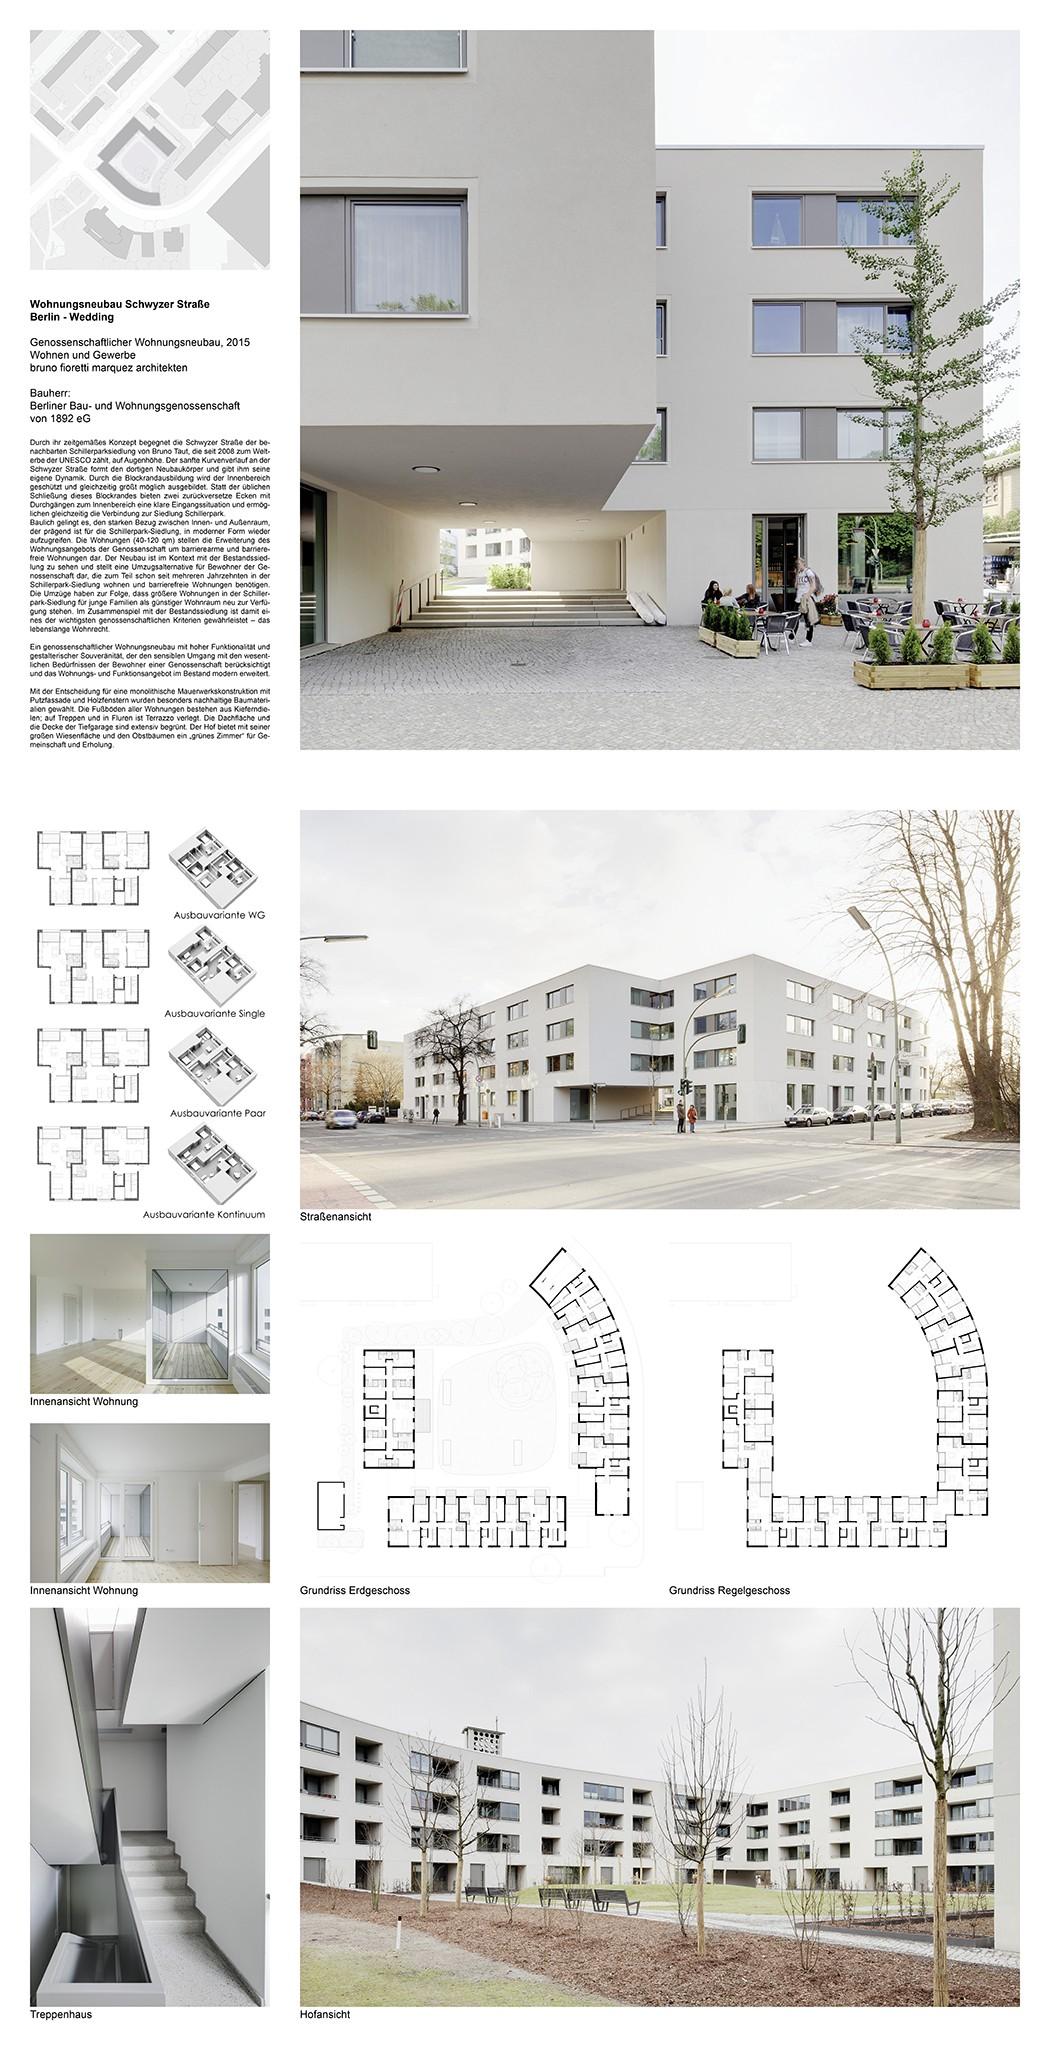 58 Wohnungsneubau An Der Schillerpark Siedlung Schwyzer Straße 1